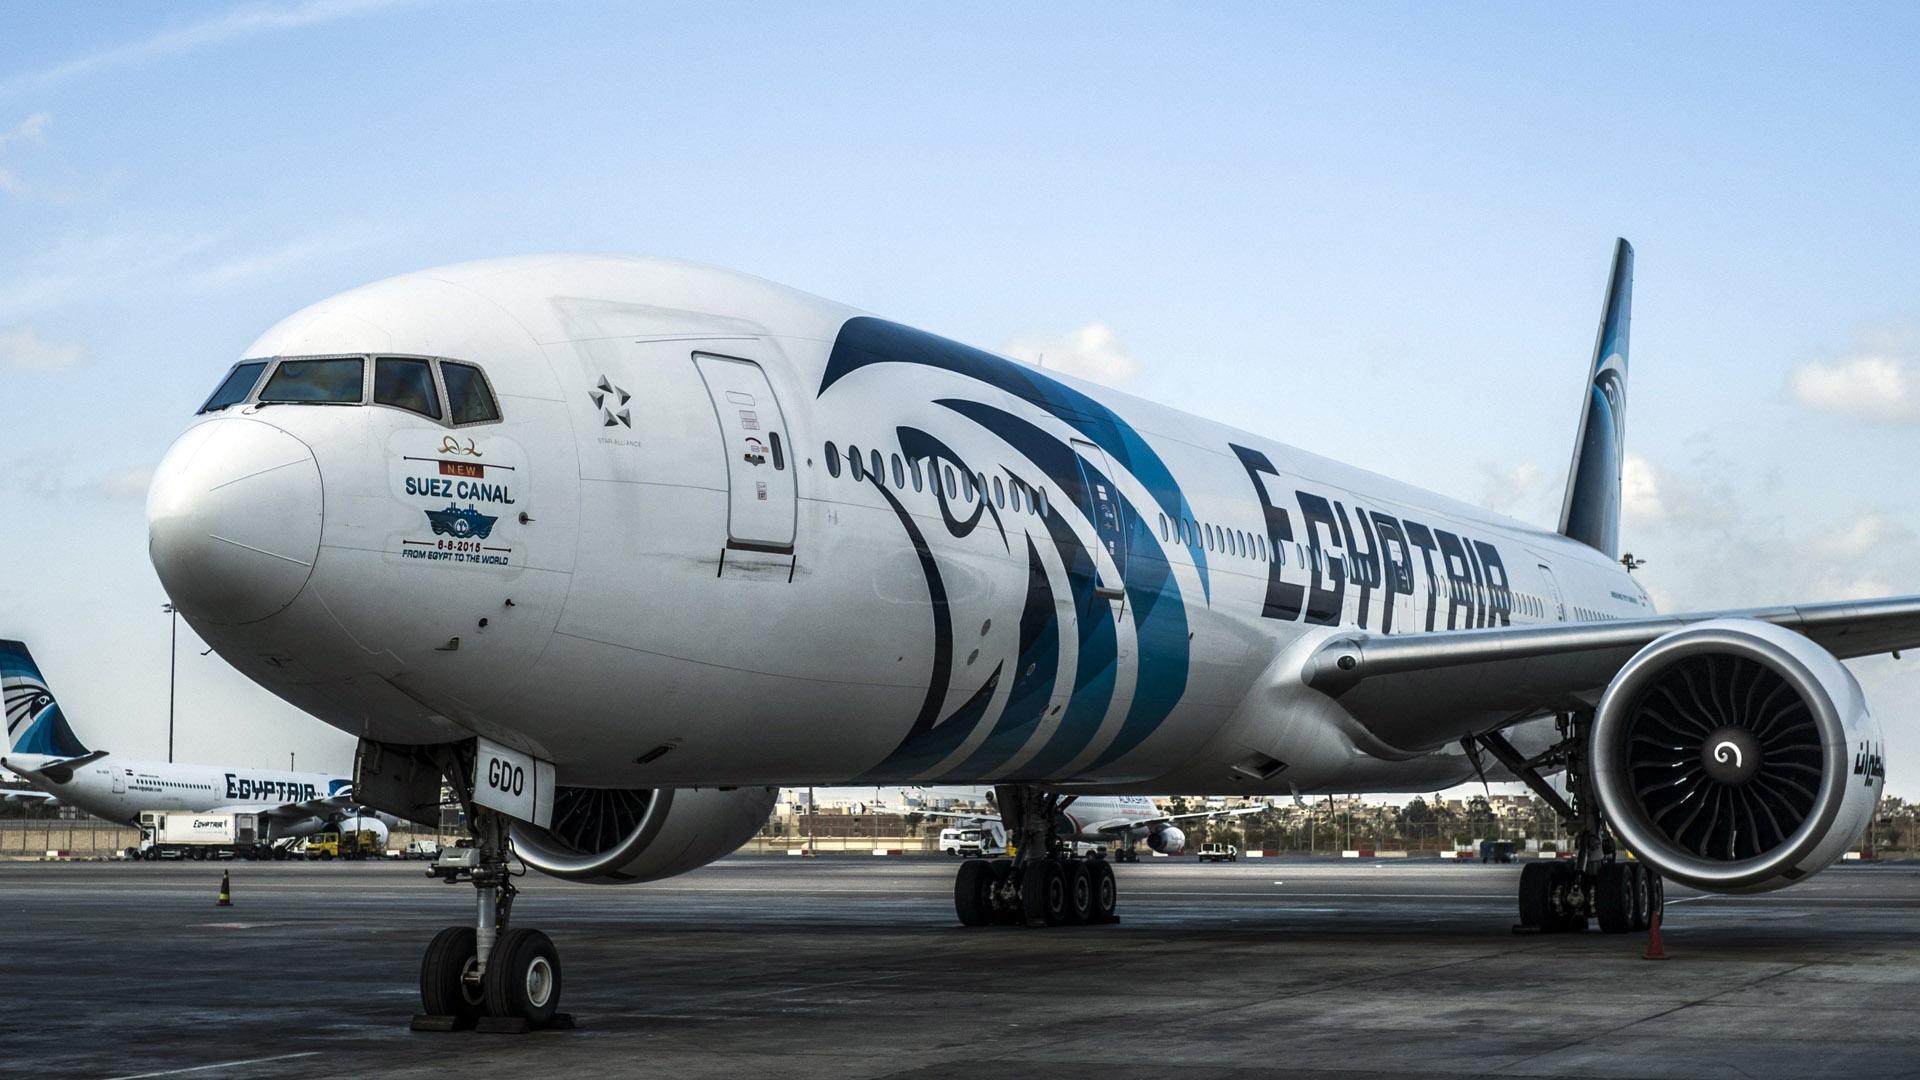 Hace 12 días la aerolínea perdió uno de sus aviones tras estrellarse con 66 pasajeros en el Mar Mediterráneo